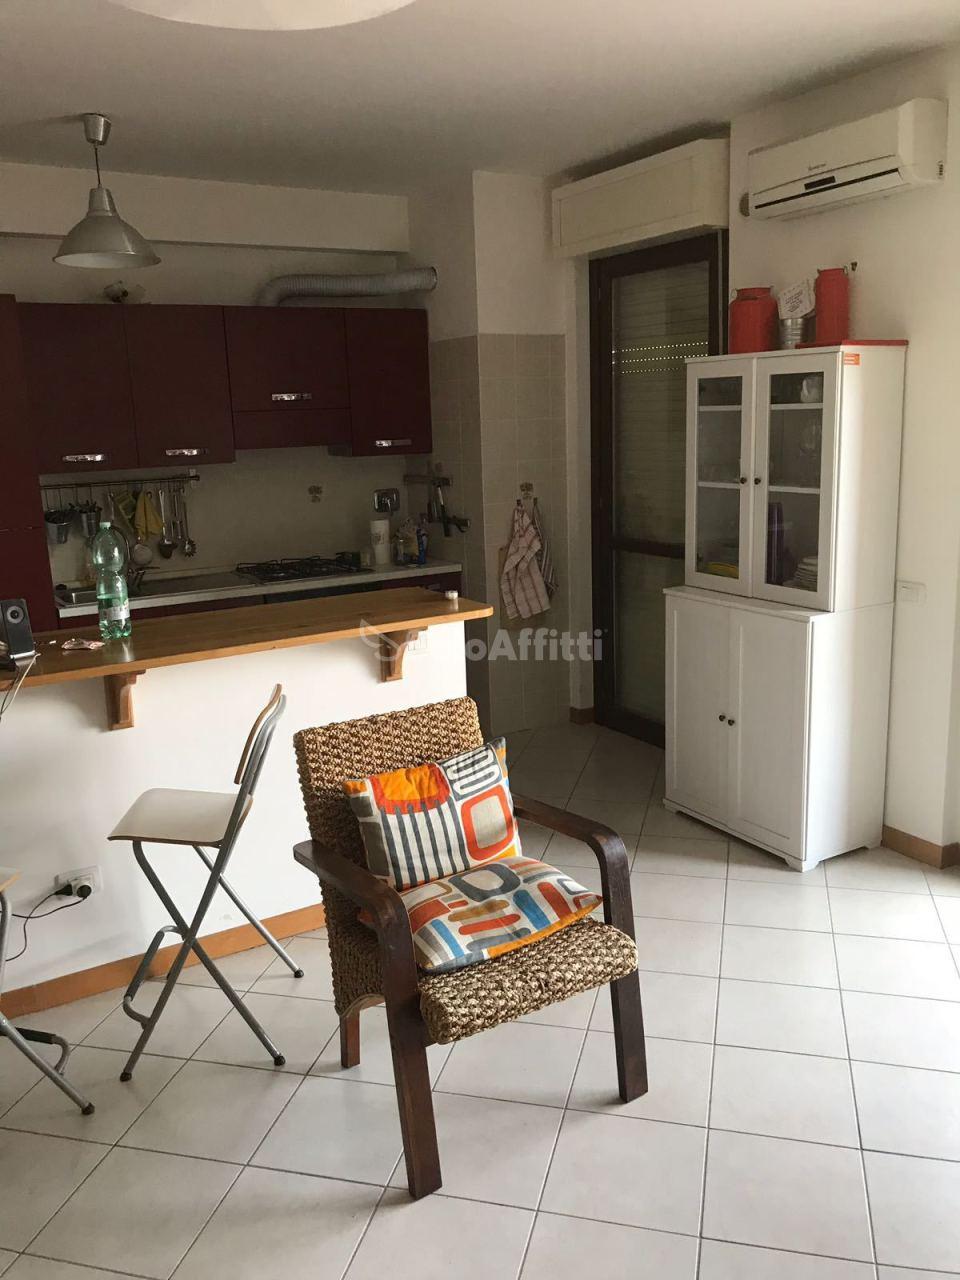 Appartamento in affitto a Roma in Via Fillia